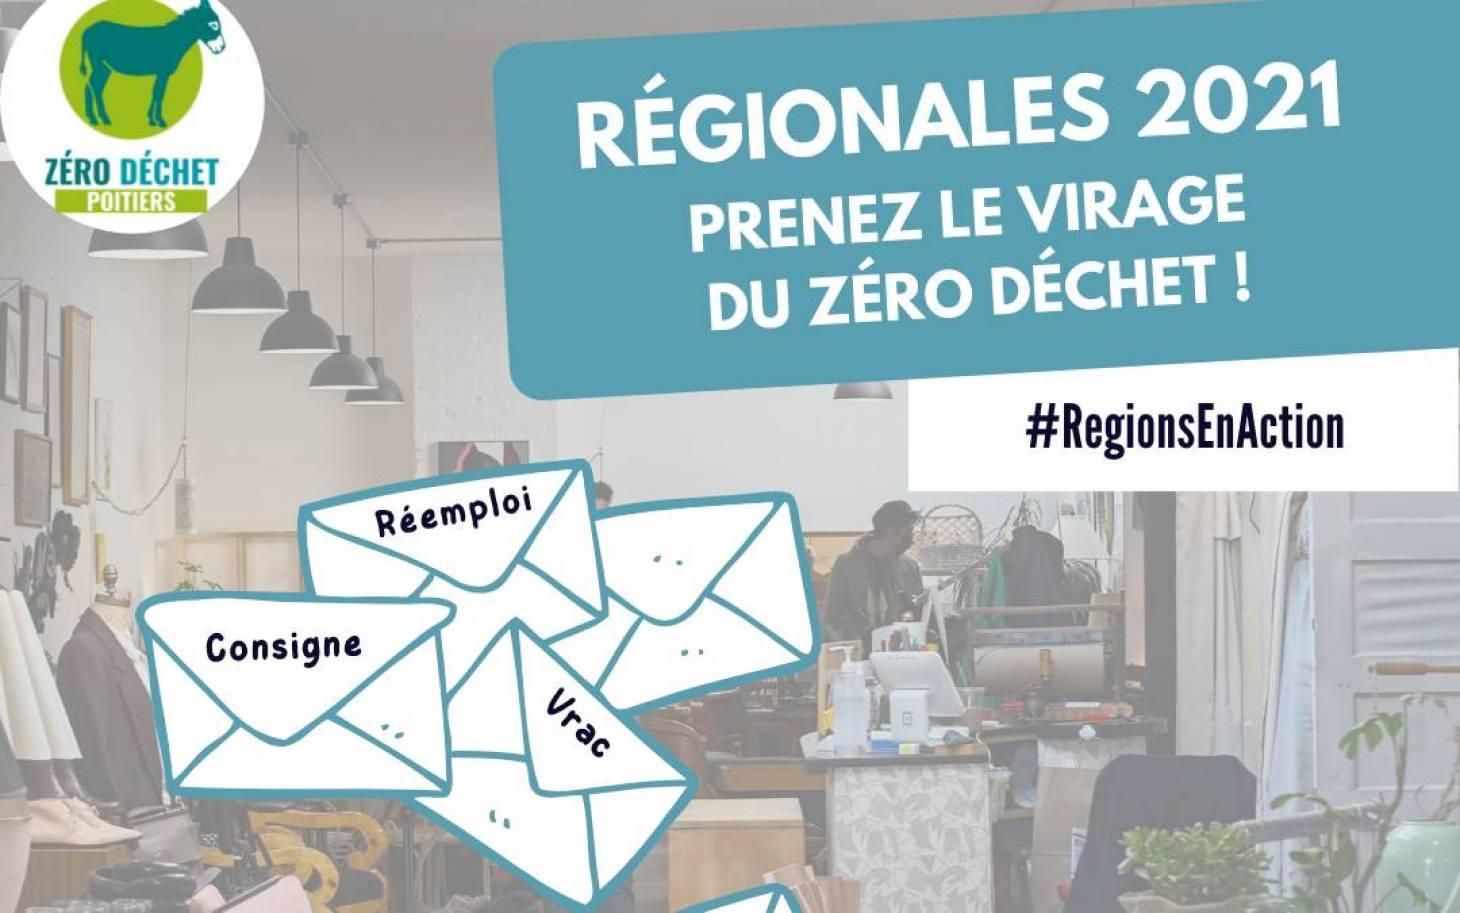 Régionales 2021, prenez le virage du Zéro Déchet!